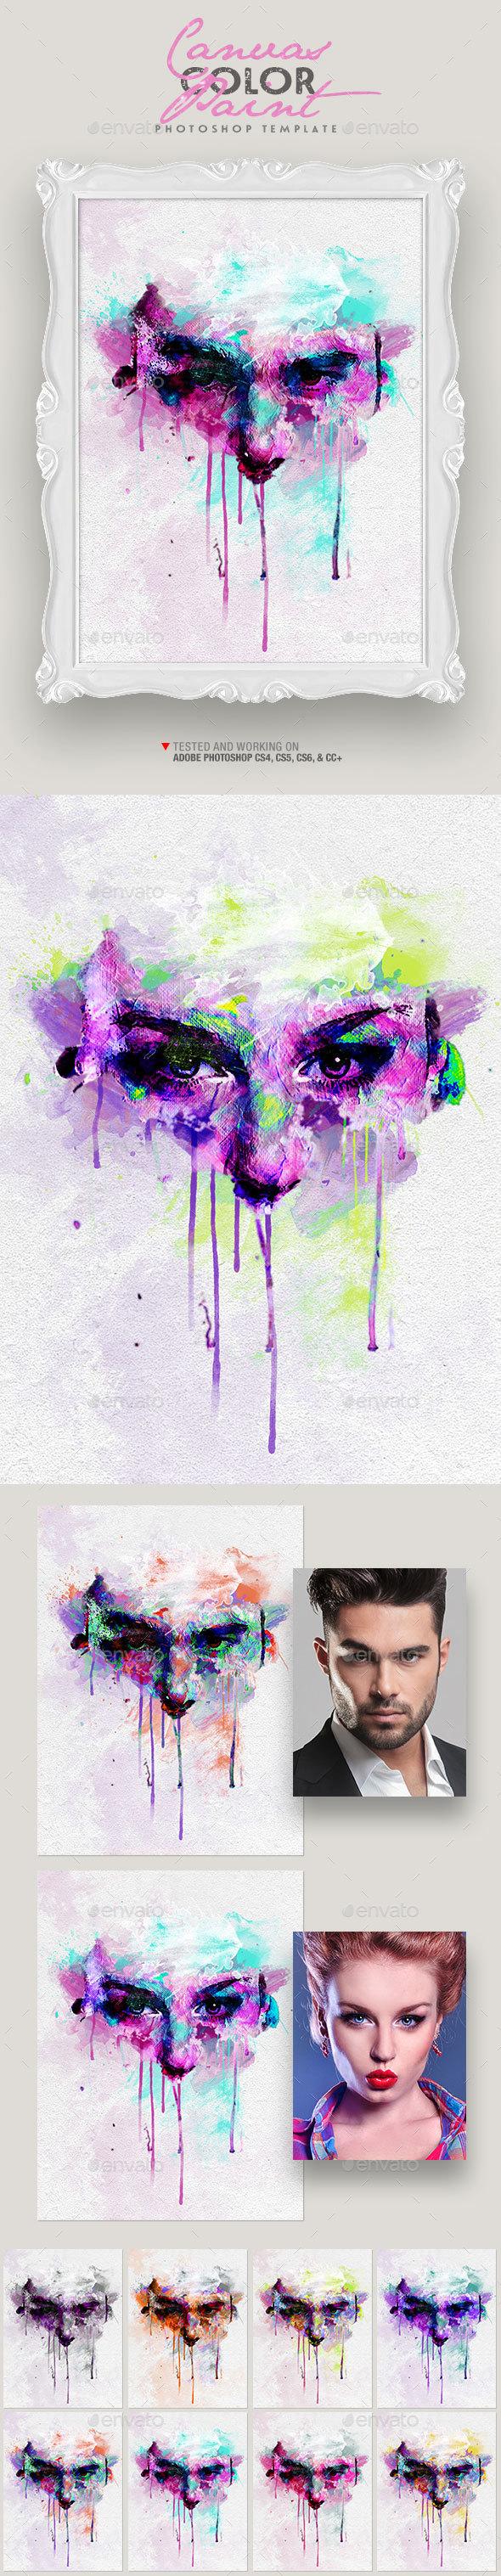 Canvas Color Paint Photo Template - Artistic Photo Templates